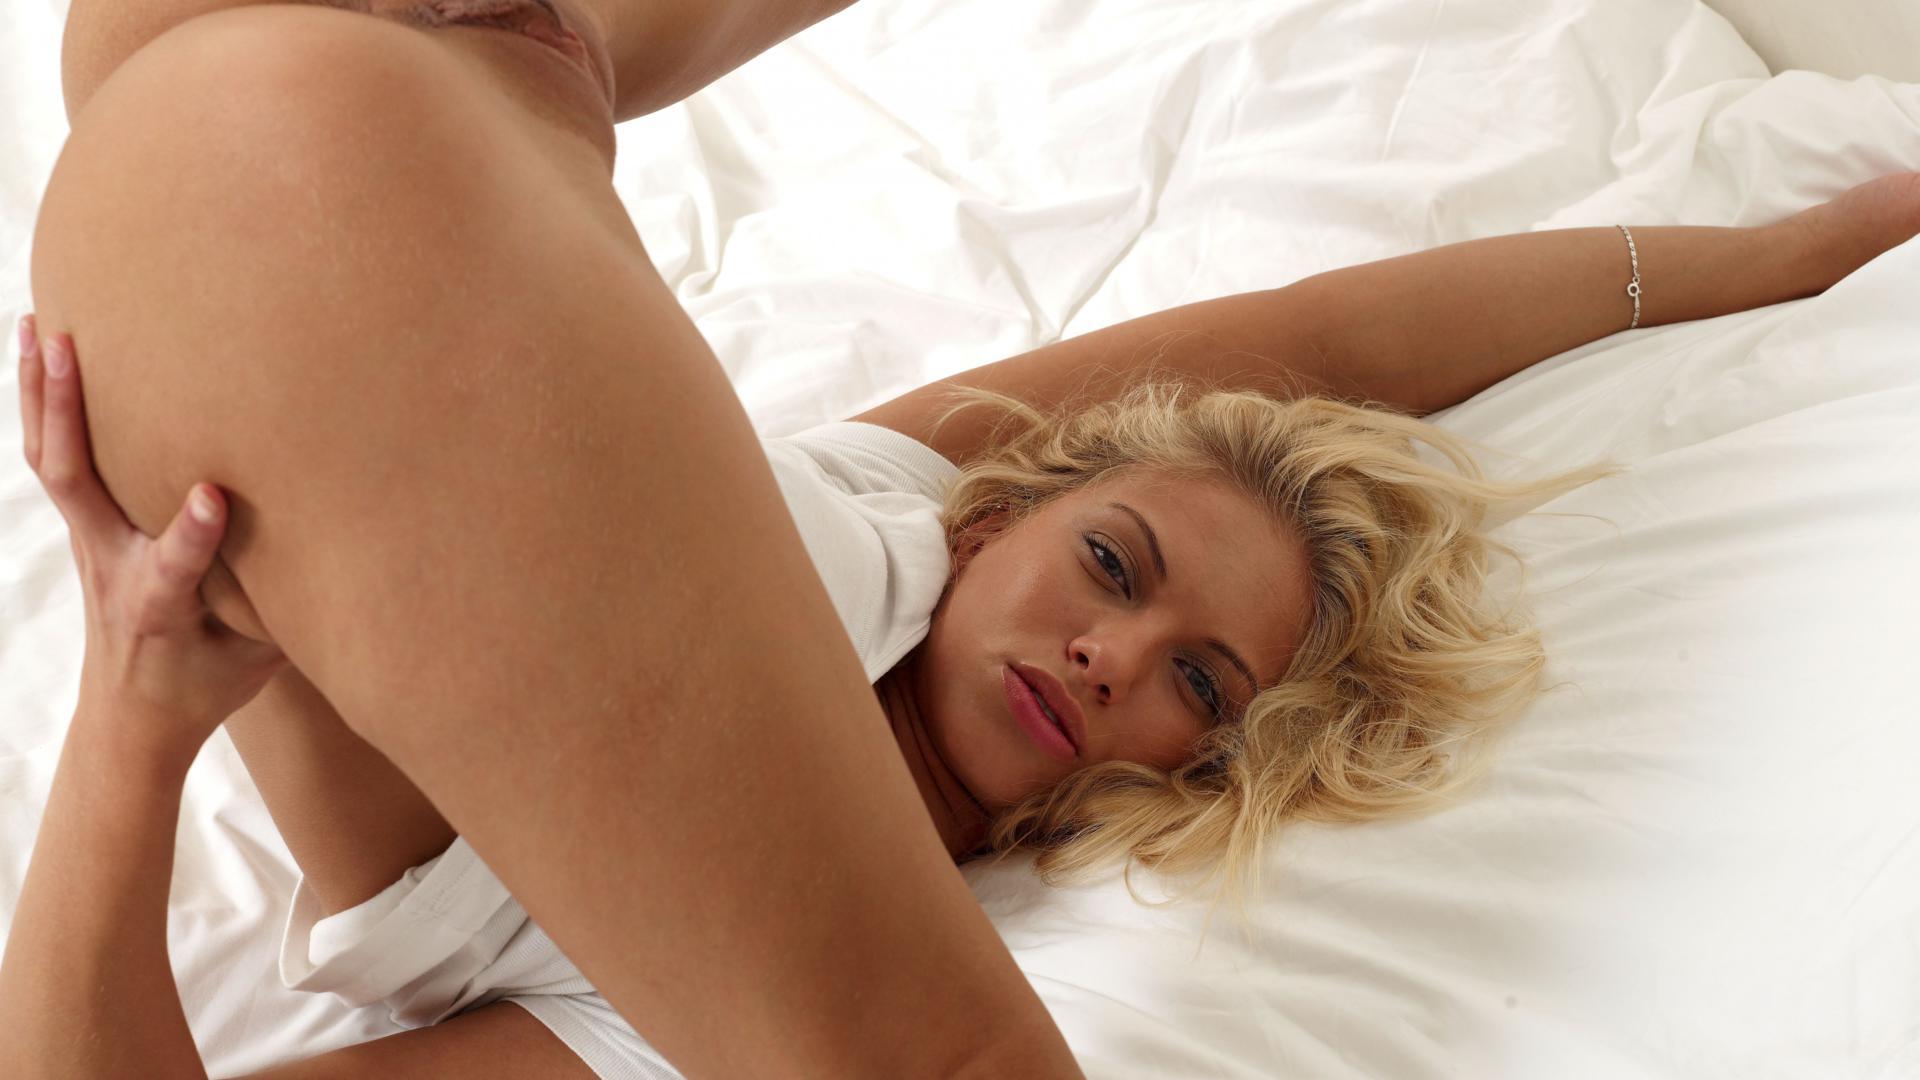 blonde german nude on bed